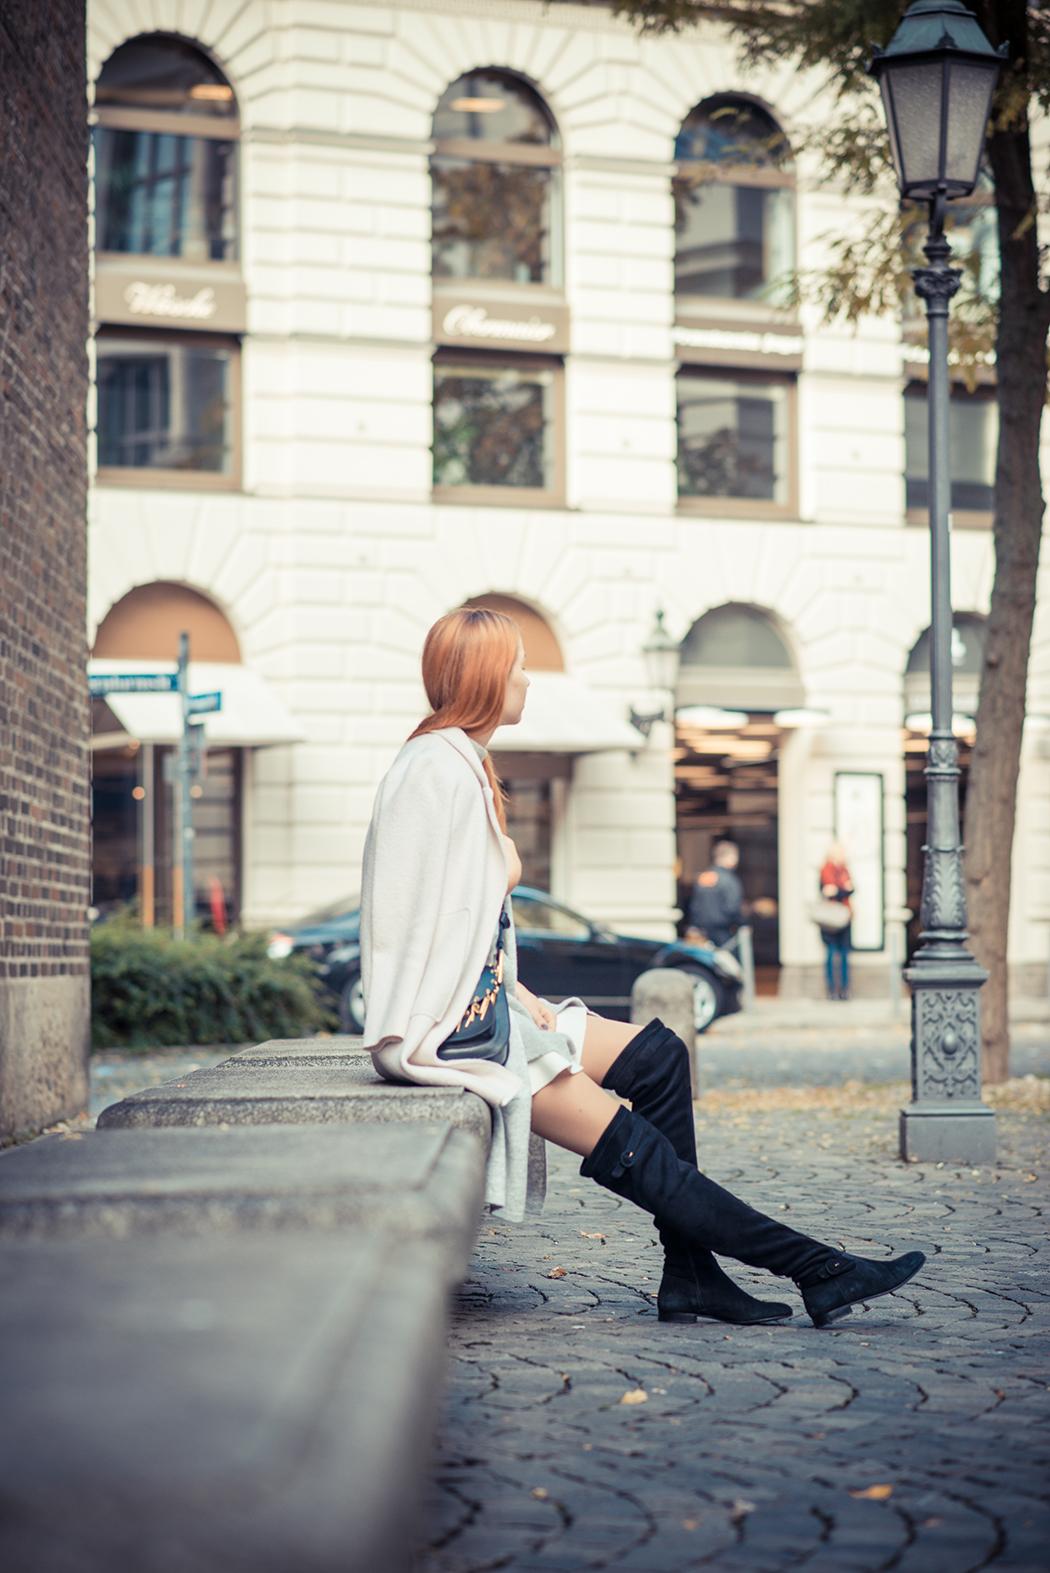 Fashionblog-Fashionblogger-Fashion-Blog-Blogger-Lifestyle-München-Deutschland-Munich-Germany-Streetstyle-Lagenlook-Chloe-Hudson-Embellished-Overknees-schwarz-11-web